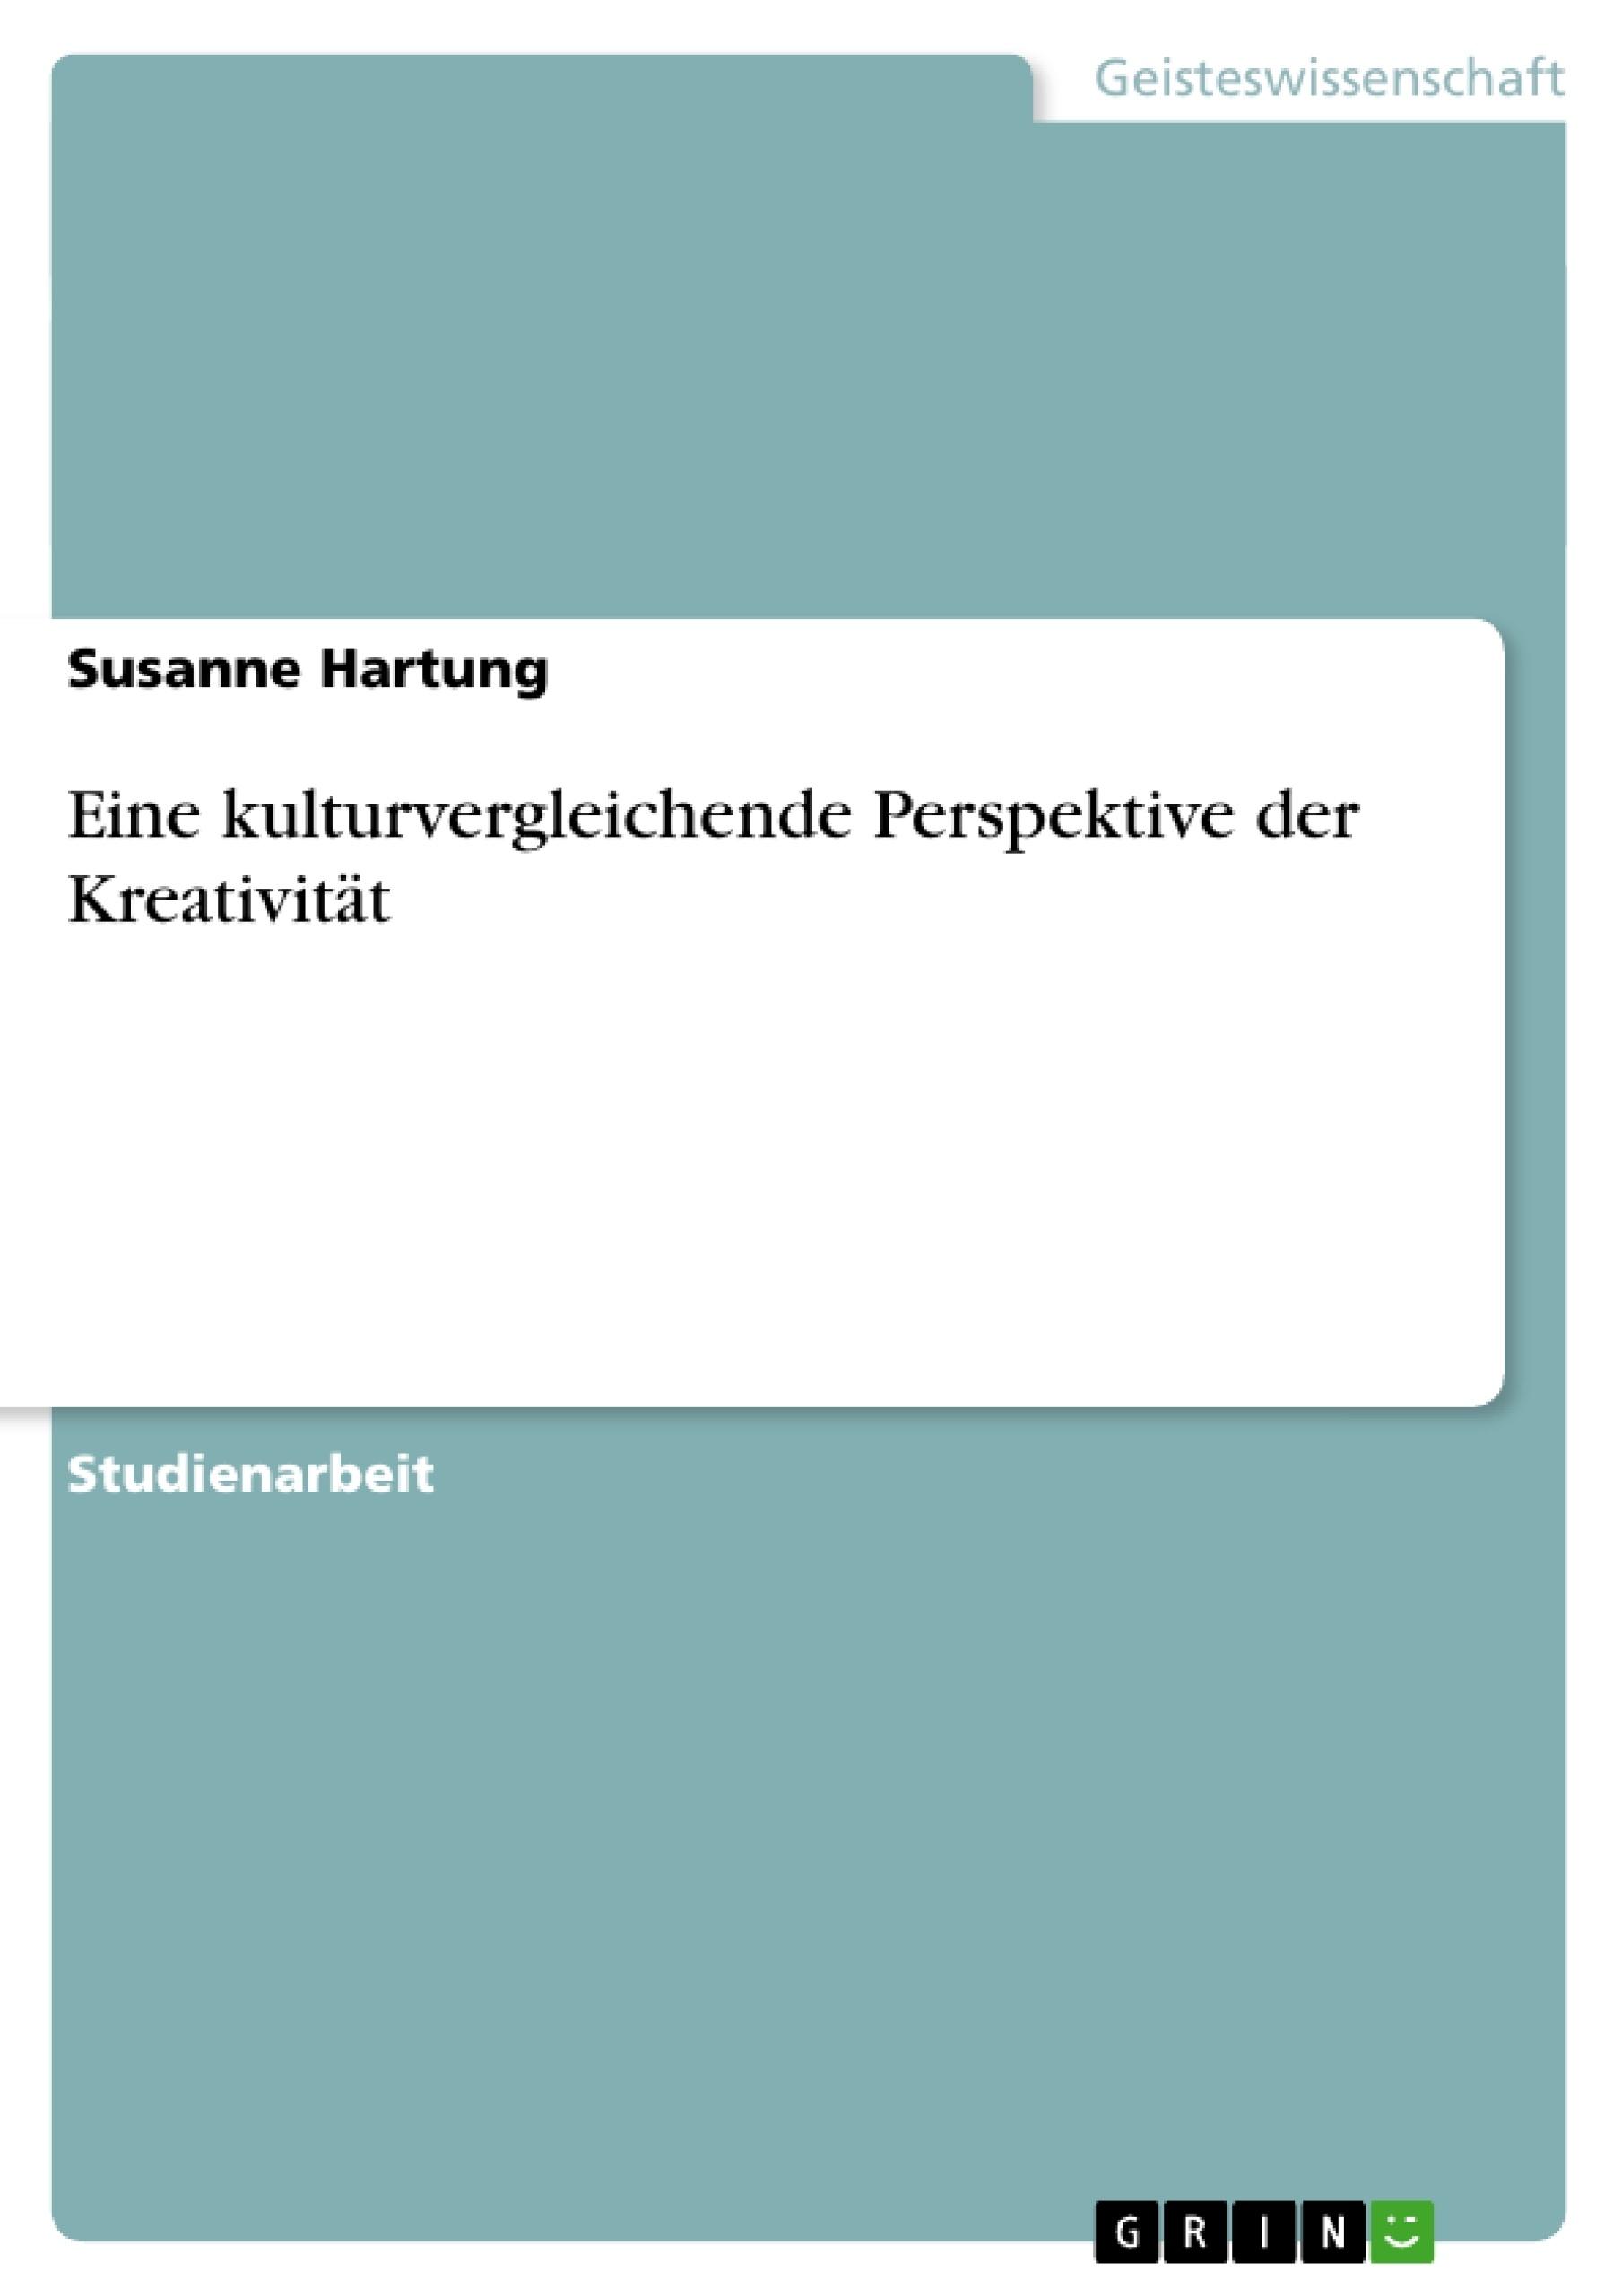 Titel: Eine kulturvergleichende Perspektive der Kreativität